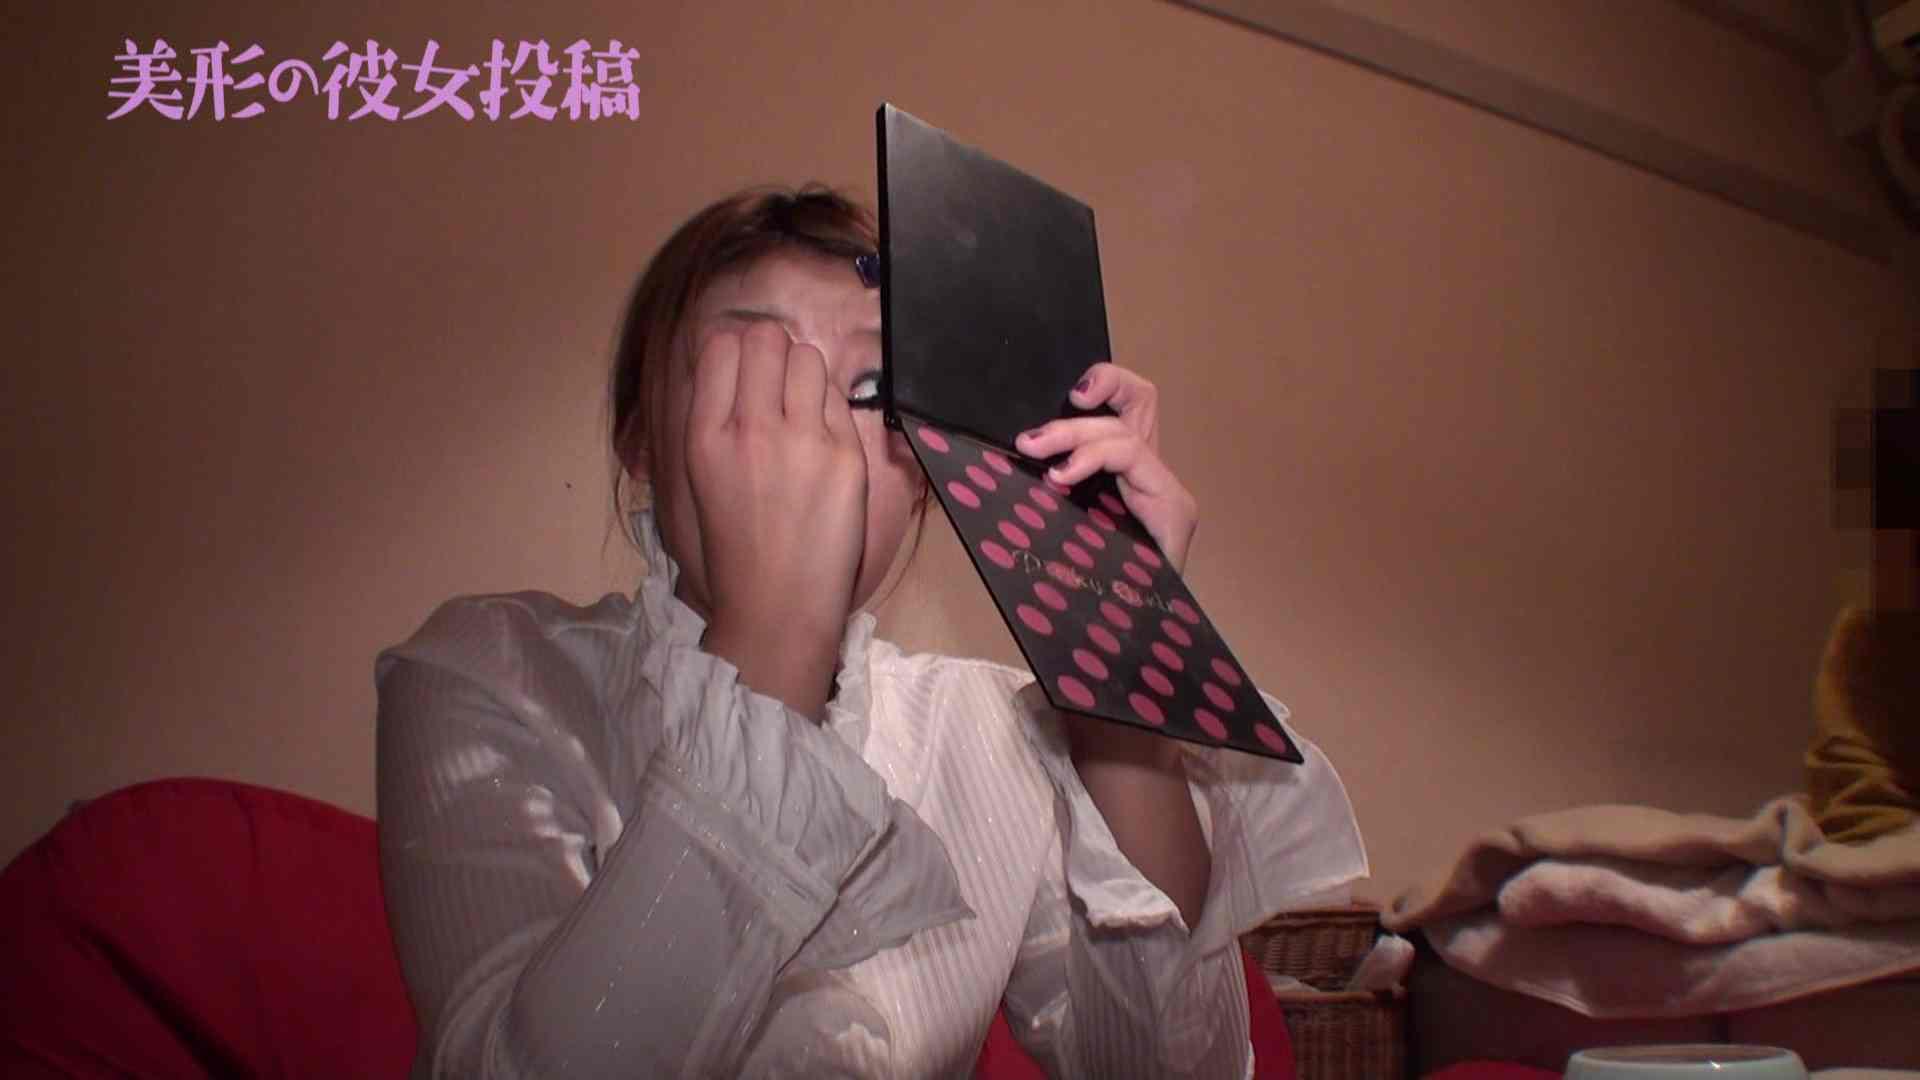 超美形の彼女を投稿!!